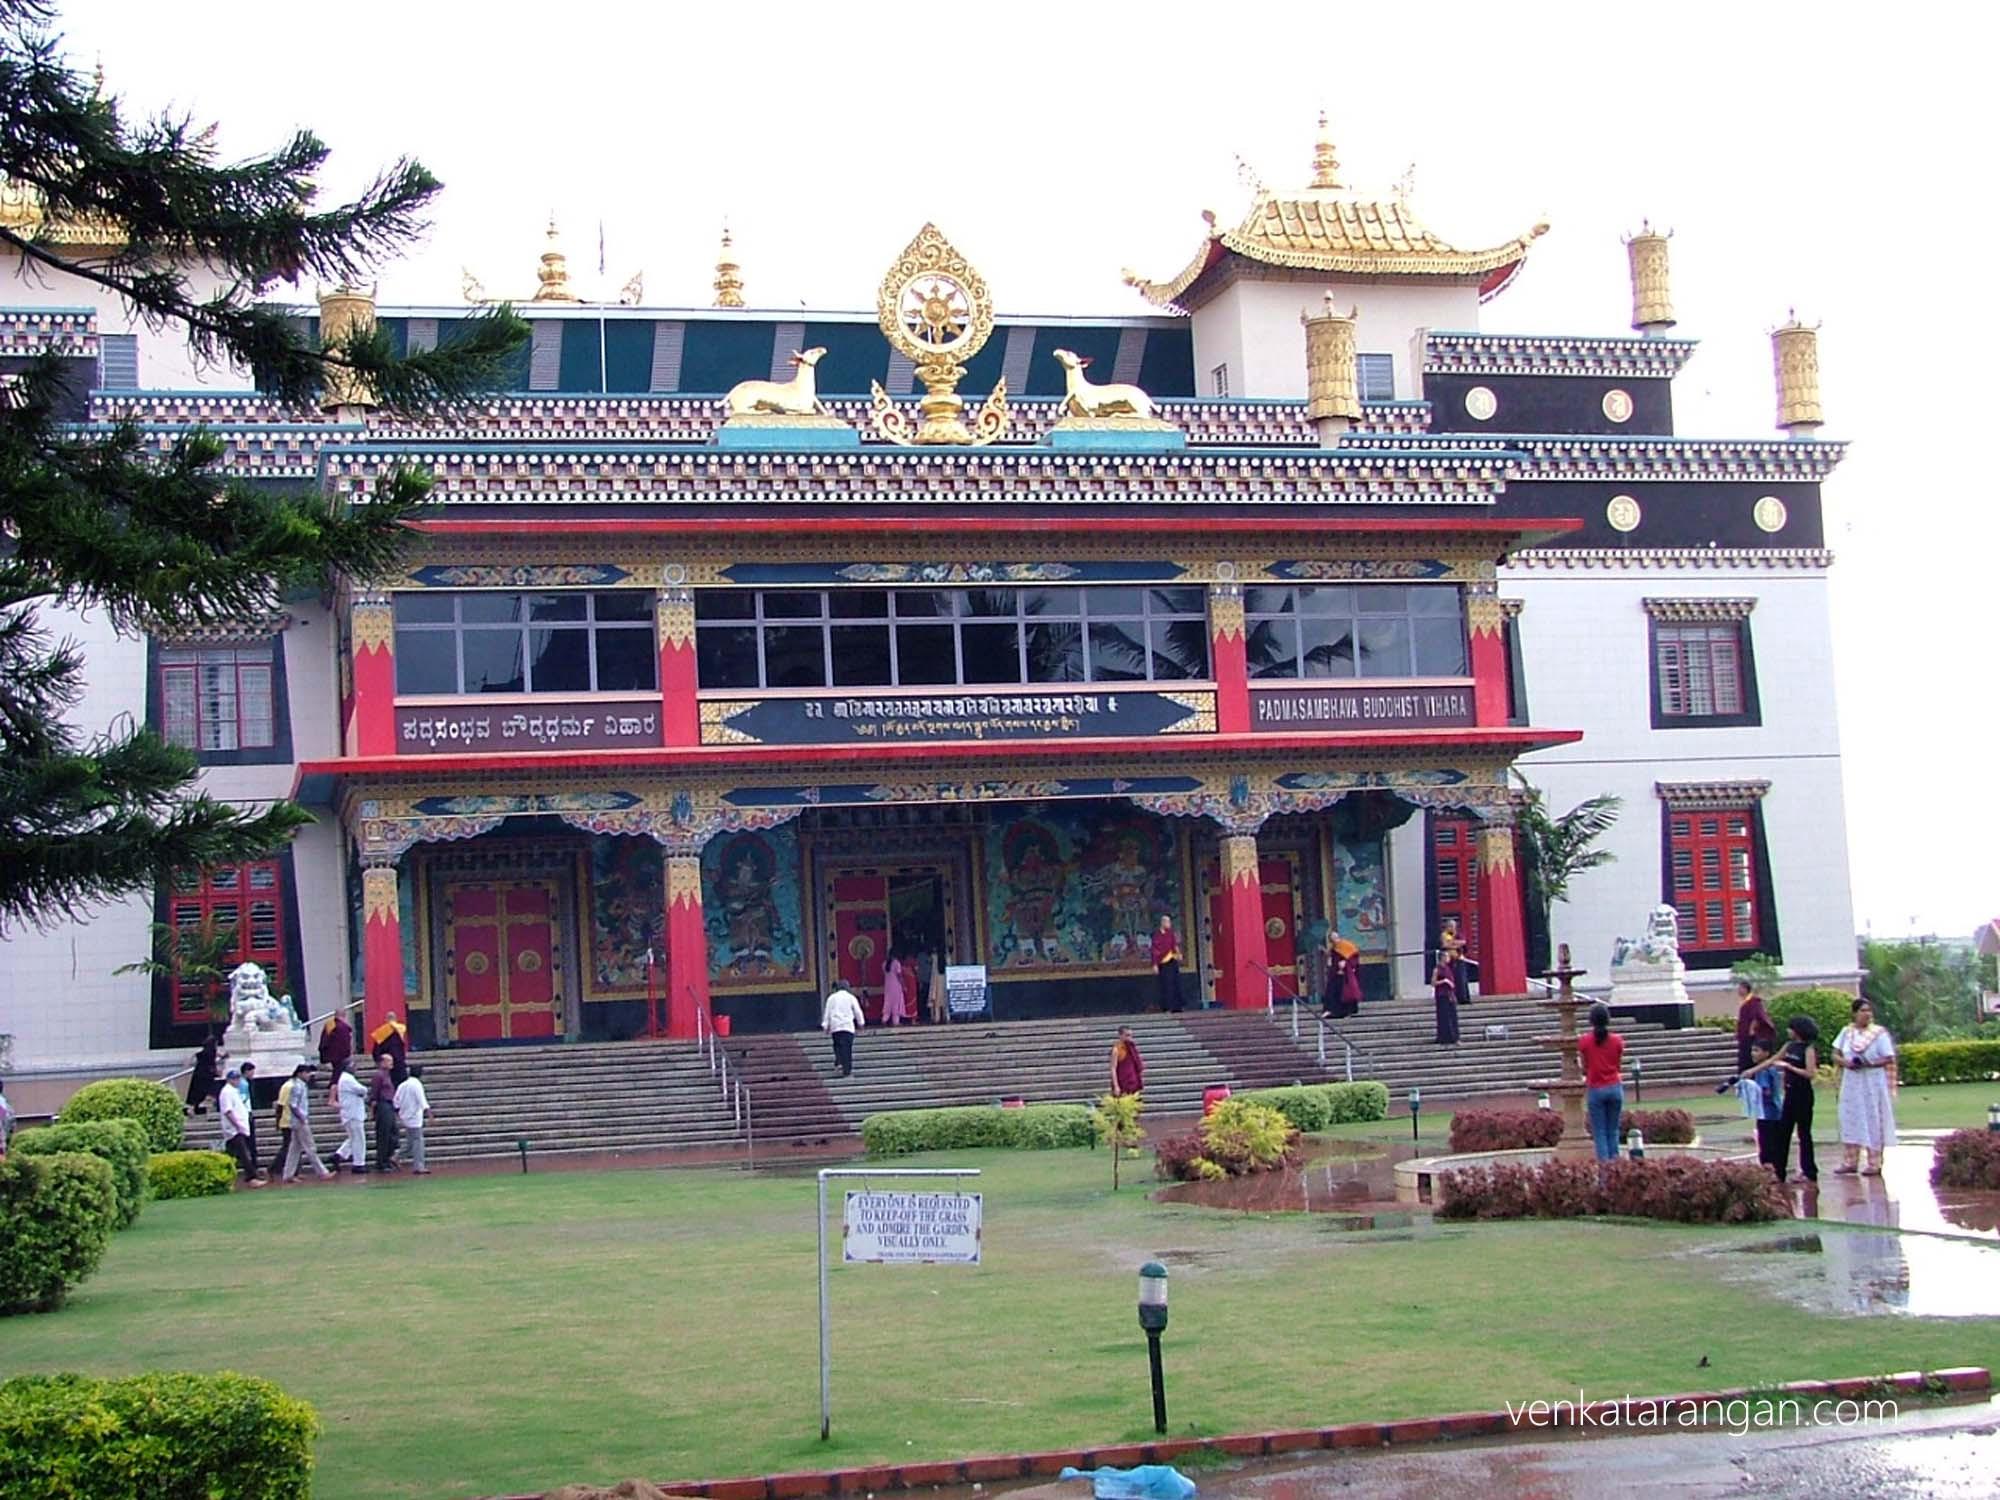 Padmasambhaya buddhist vihara